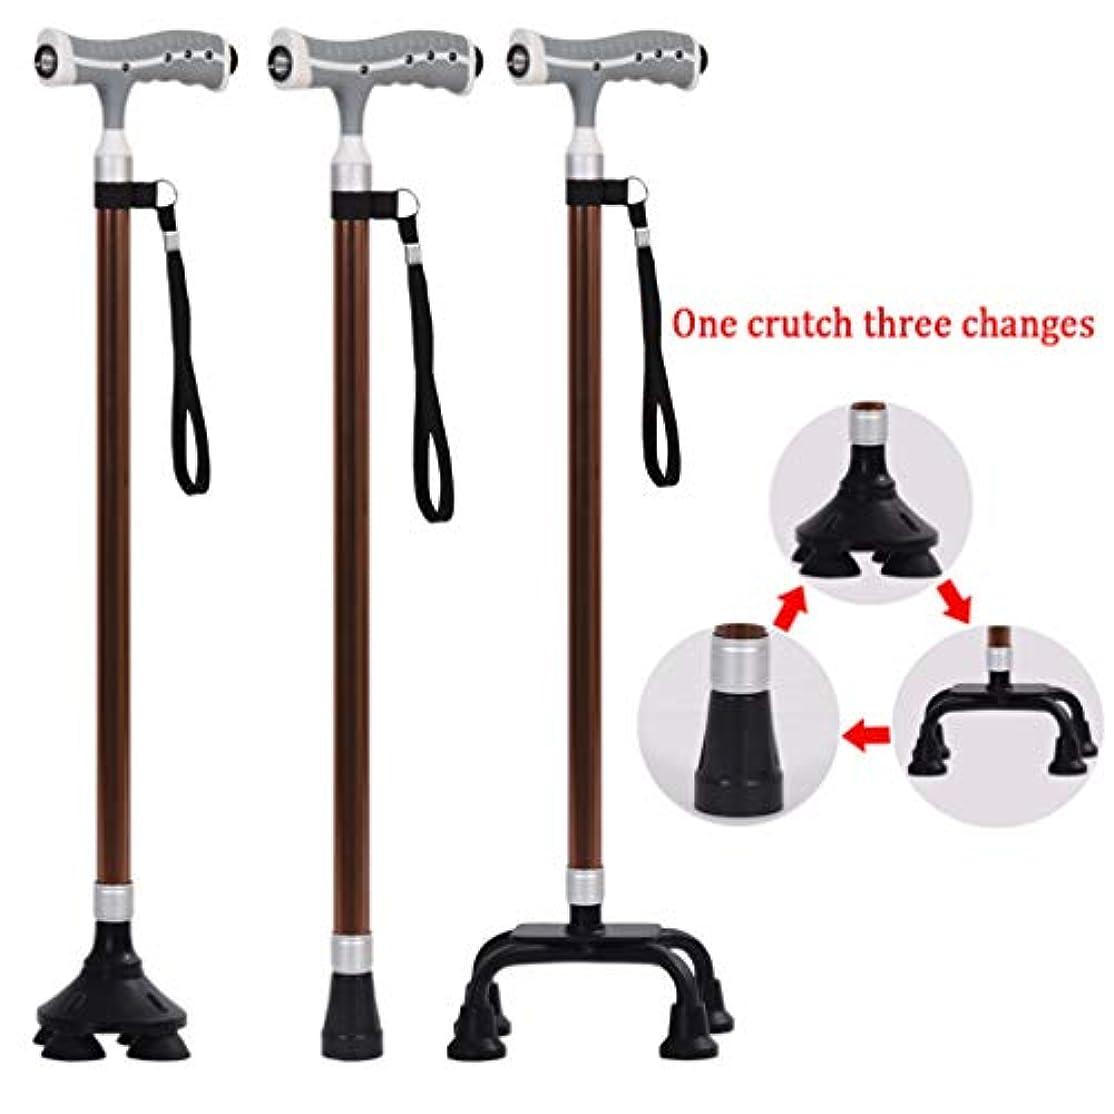 カーペットつぶやき平均調節可能な松葉杖、LEDライト付きアルミニウム歩行補助具-軽量、バランス、リストストラップ、ダンピング滑り止めマット、男性、女性、高齢者用